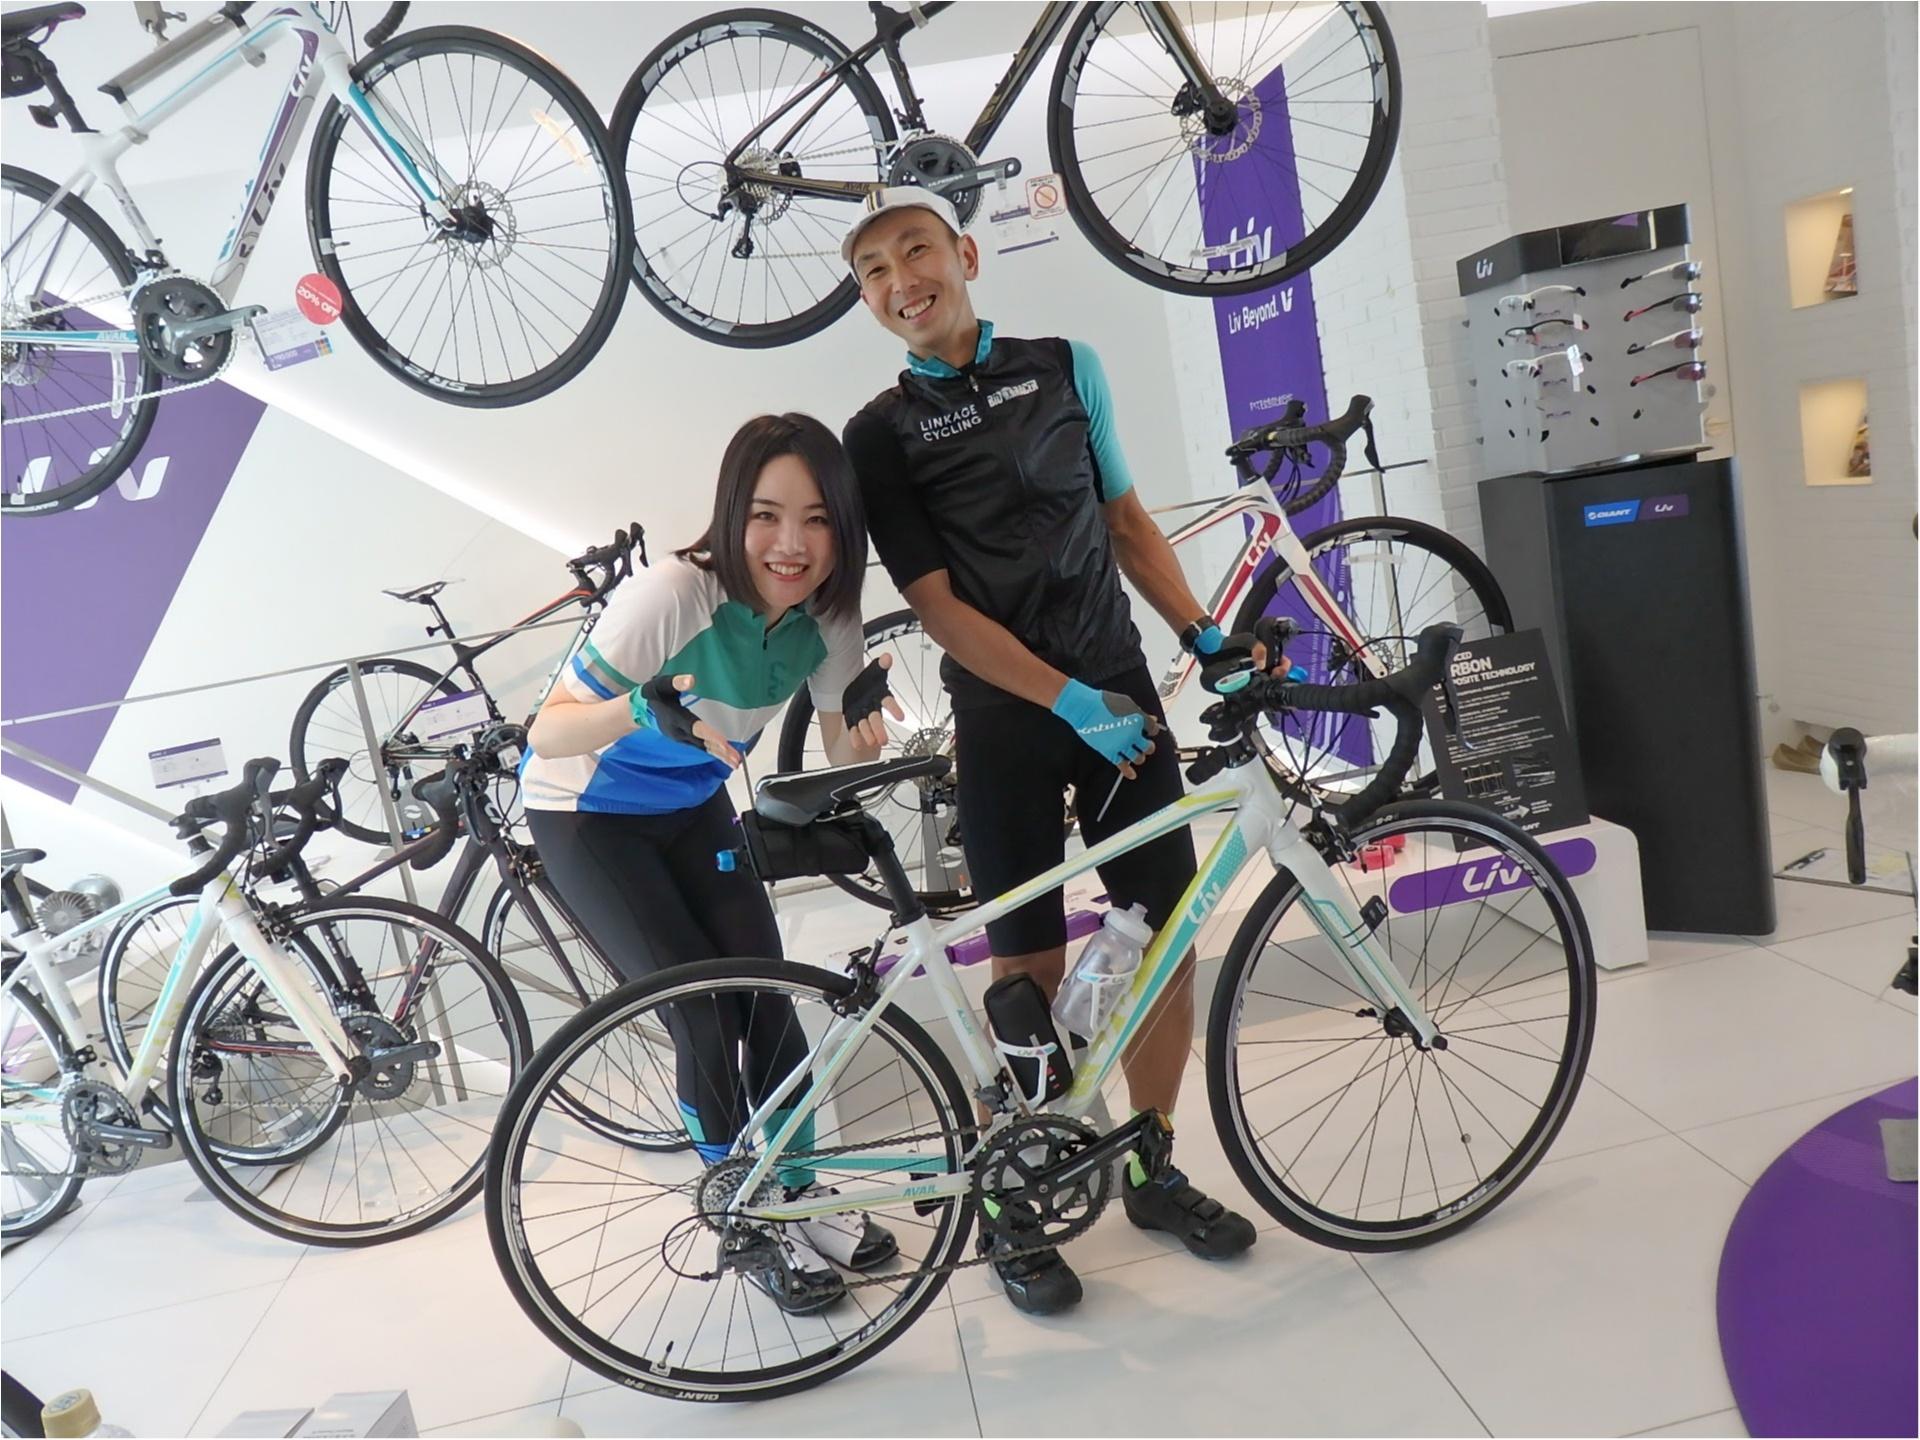 初ロードバイク!!『 ツール・ド・東北』三人娘、全員で練習スタート♪まずは室内練習から!【#モアチャレ あかね】_1